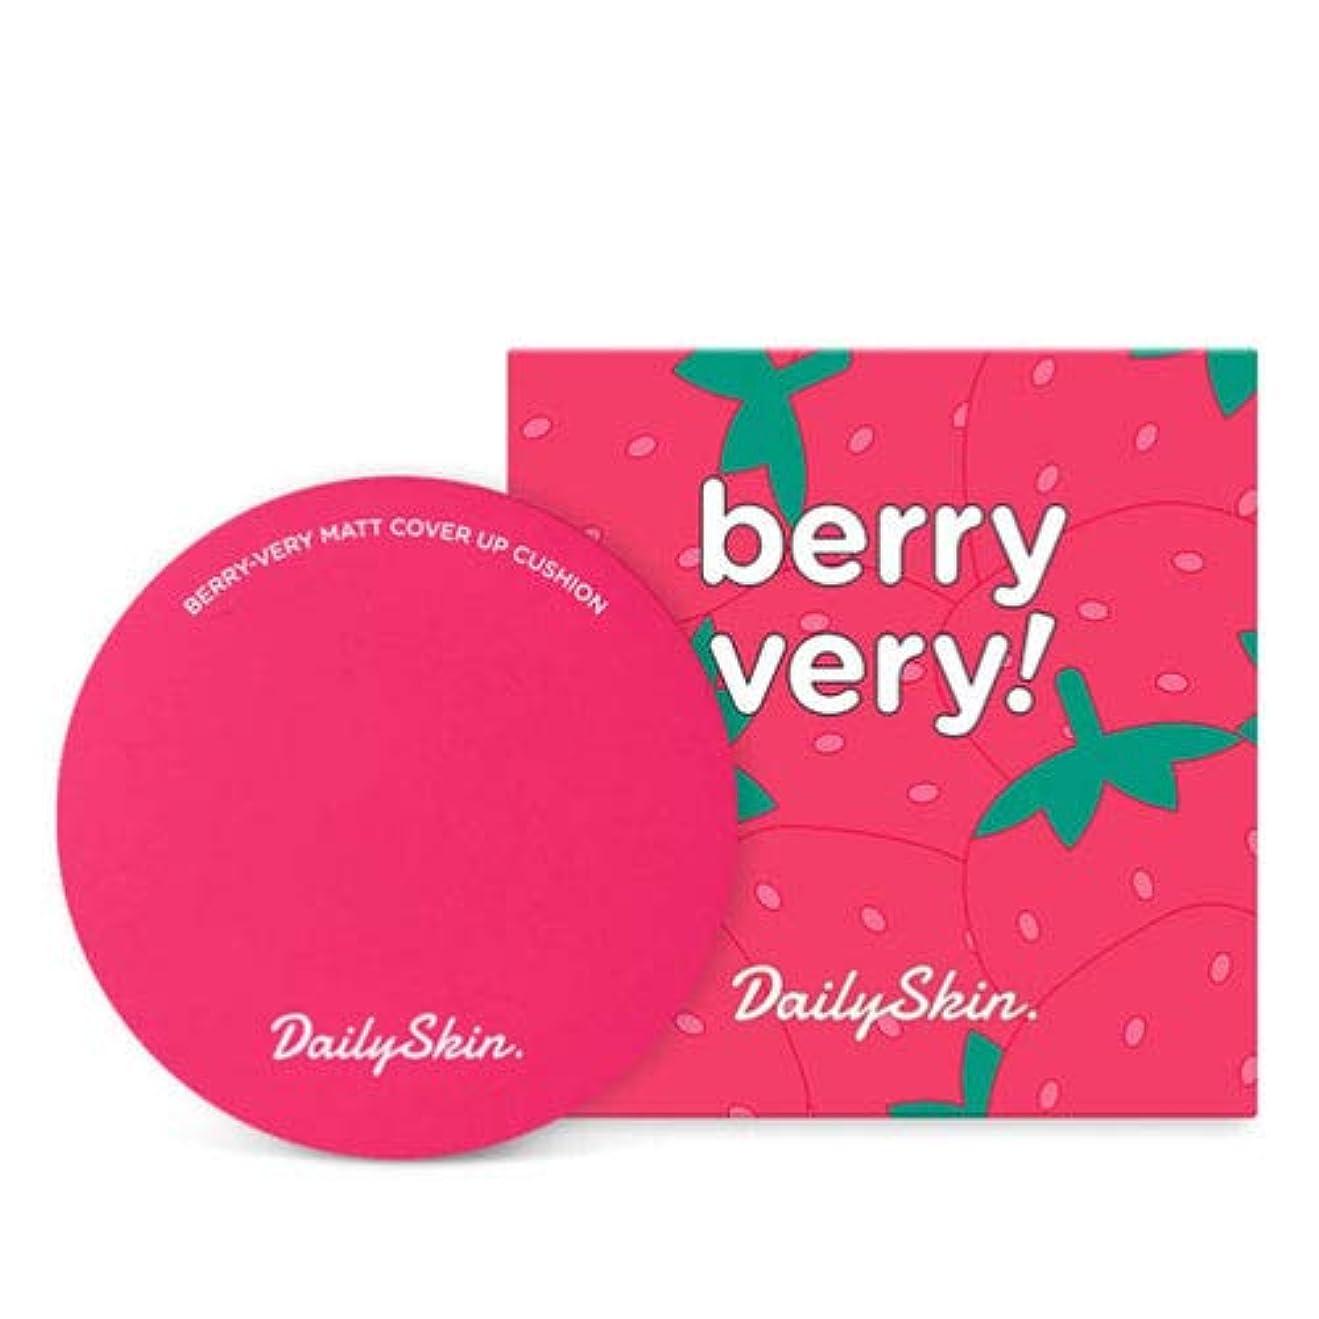 はさみインディカ伝導Daily Skin Berry Very Matt Cover Up Cushion (No.23 Berry Natural) ]デイリースキン いちごマット カバー アップ クッション [並行輸入品]